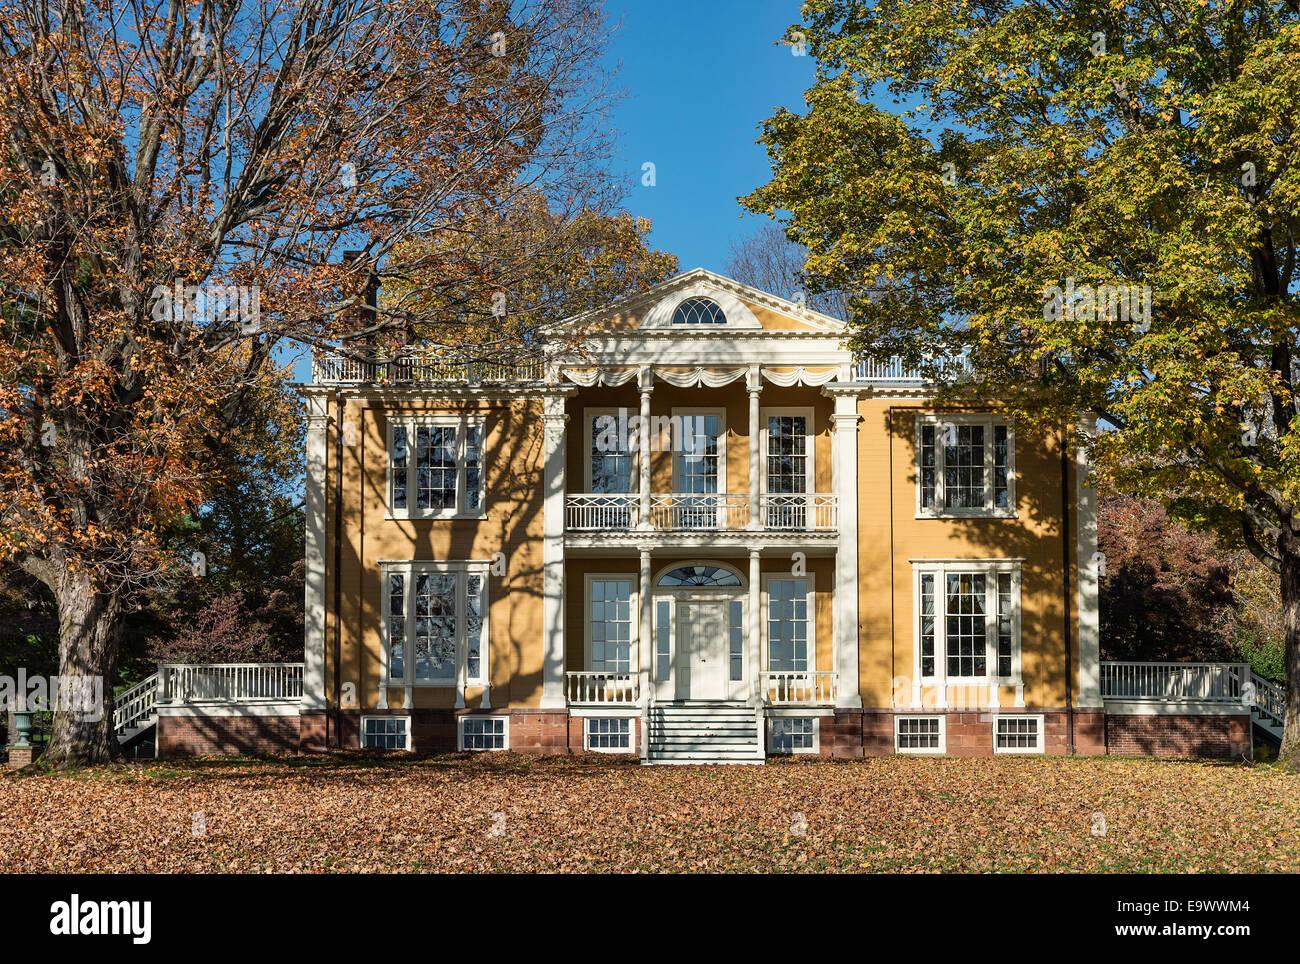 Lovely Boscobel House And Gardens, Garrison, New York, USA